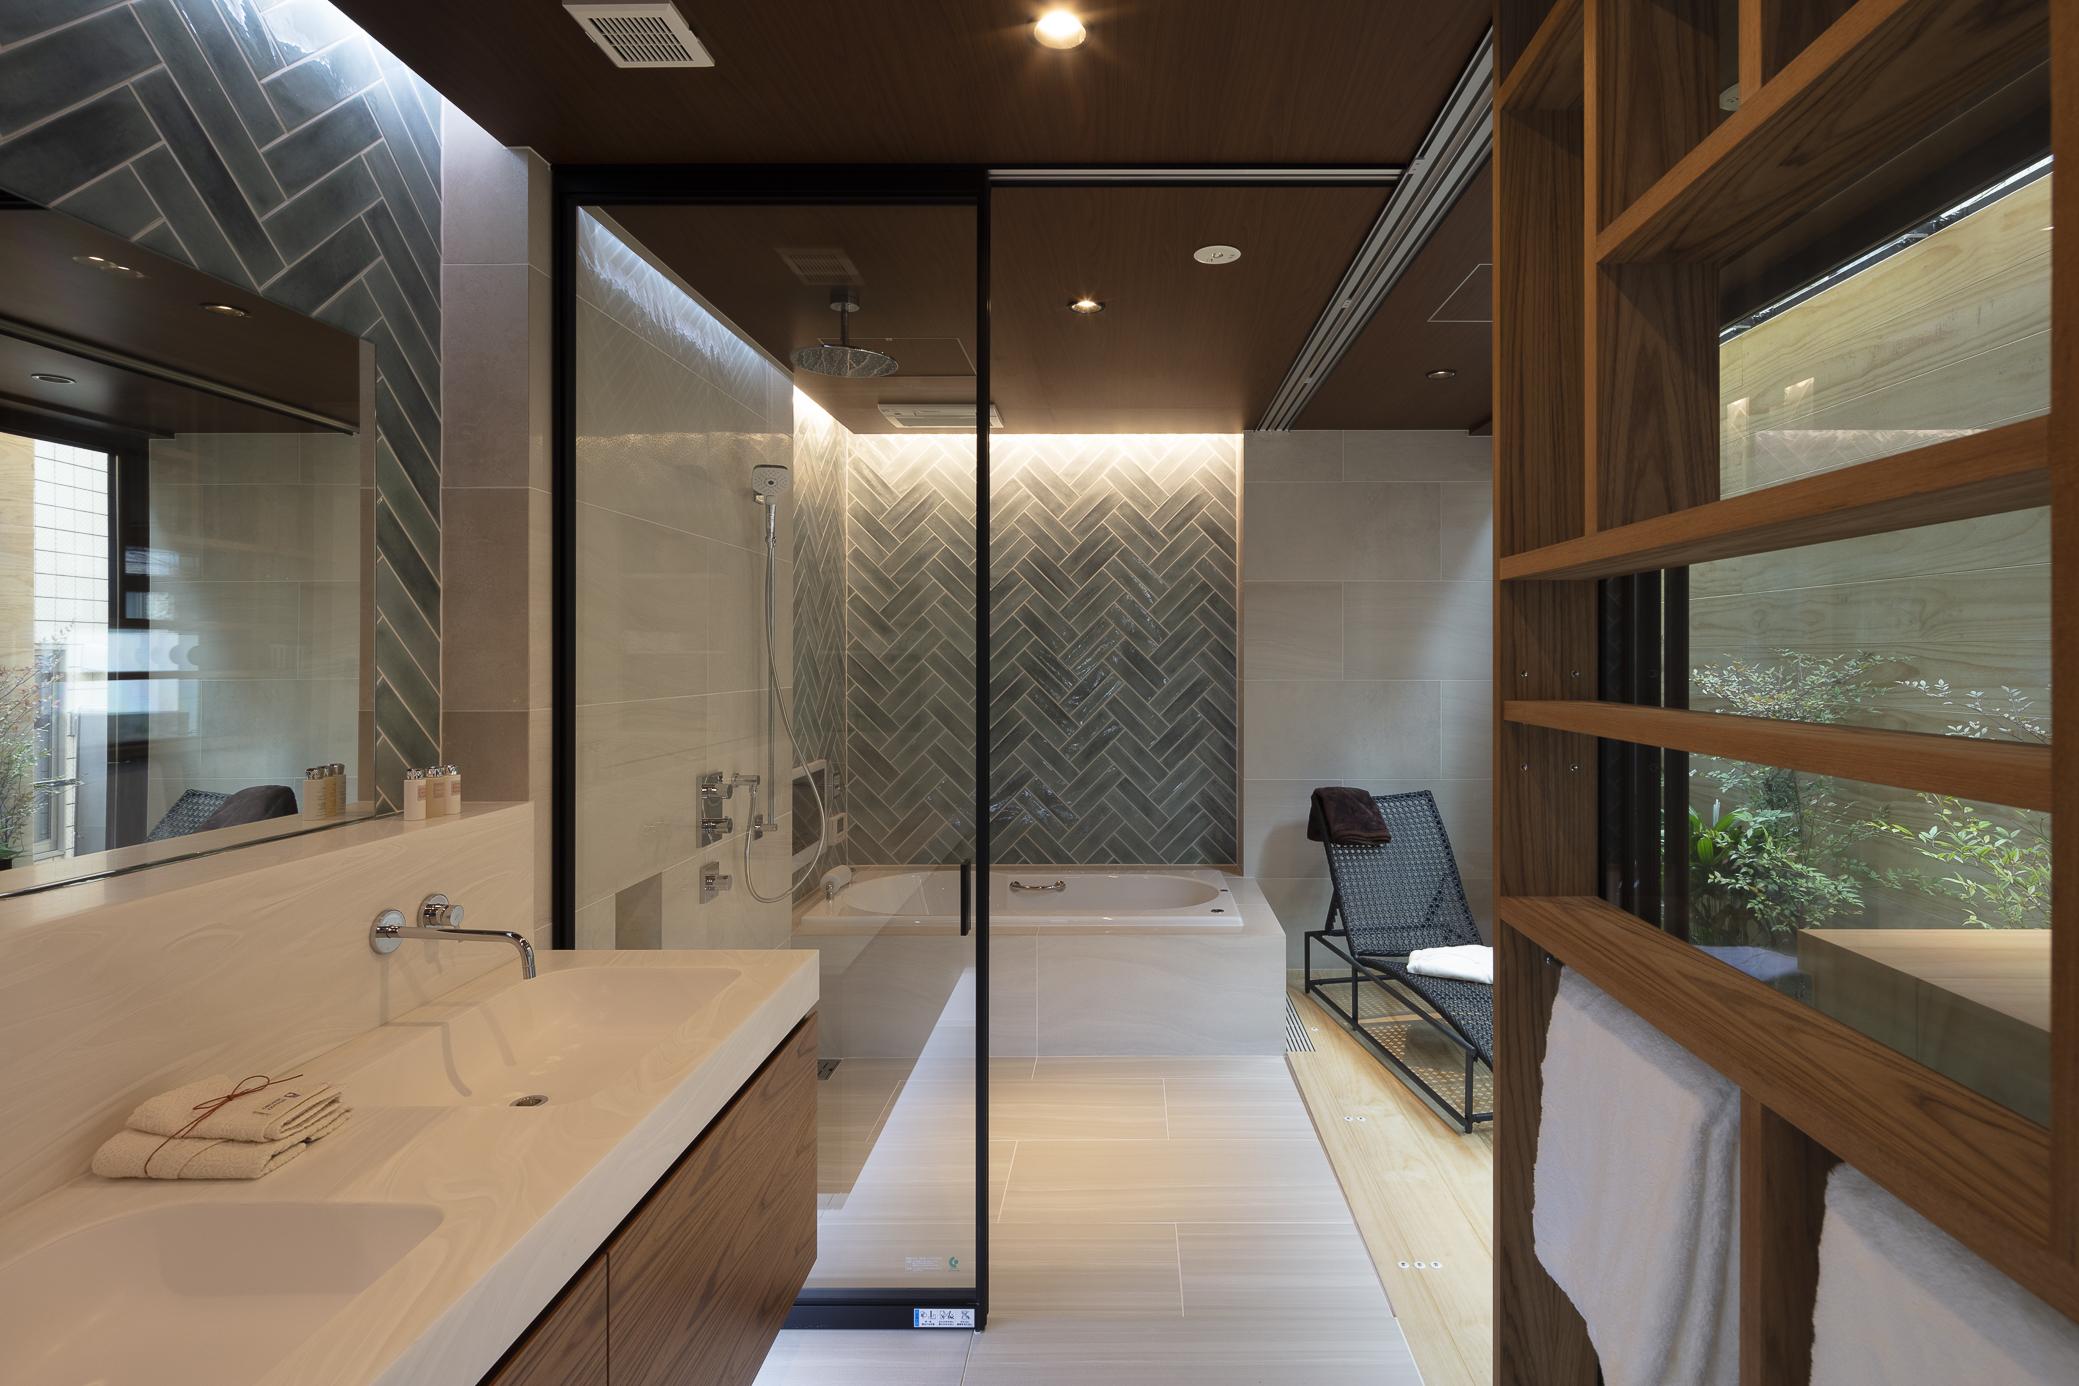 バスルームはインナーバルコニーに面しており、ガラス貼りの開放感のあるデザイン